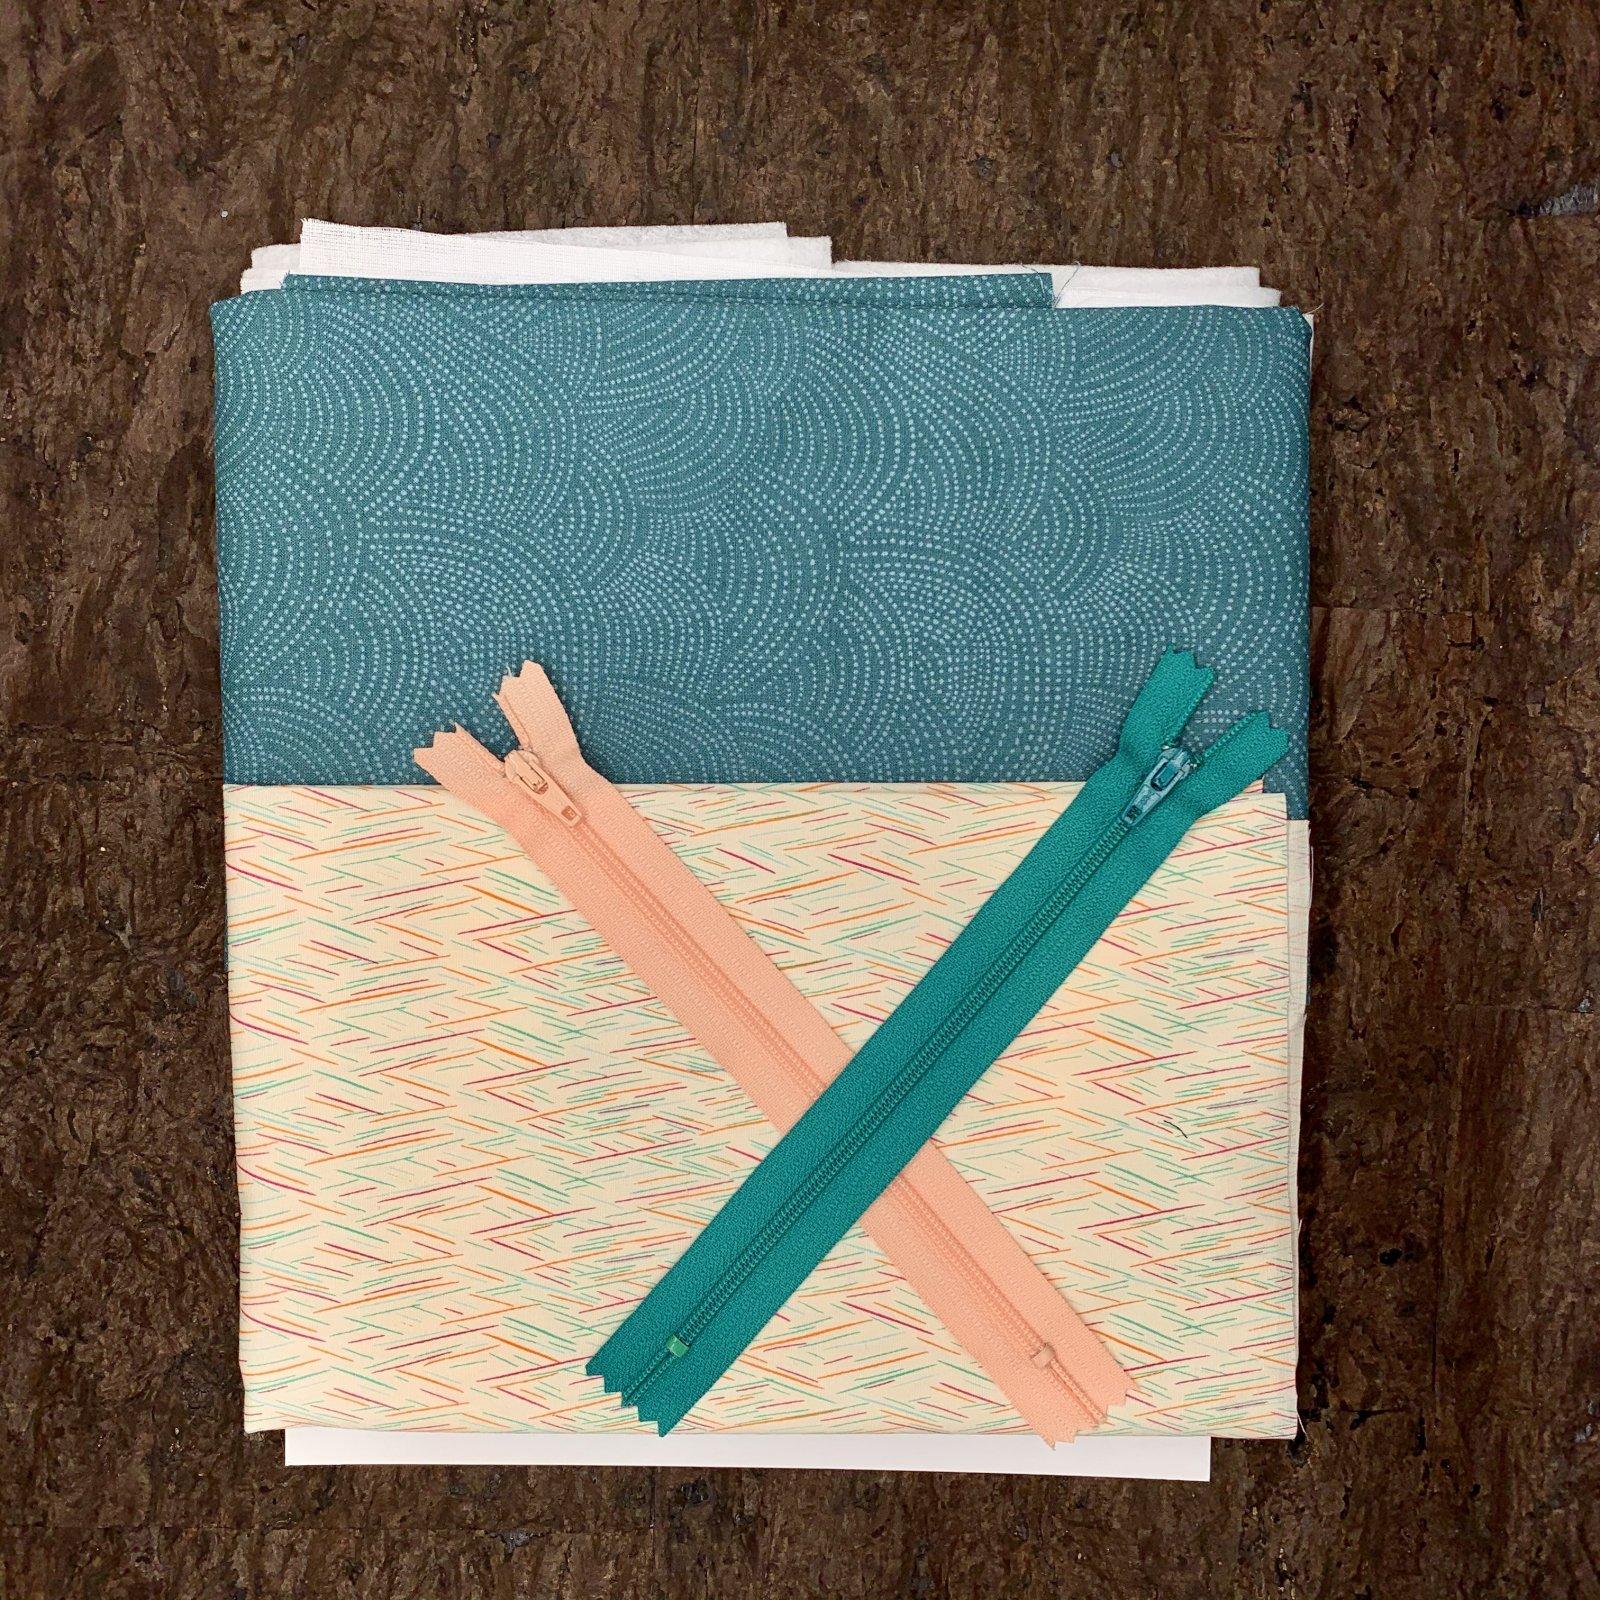 Stitch Zip Pouch Kit - Teal Dash